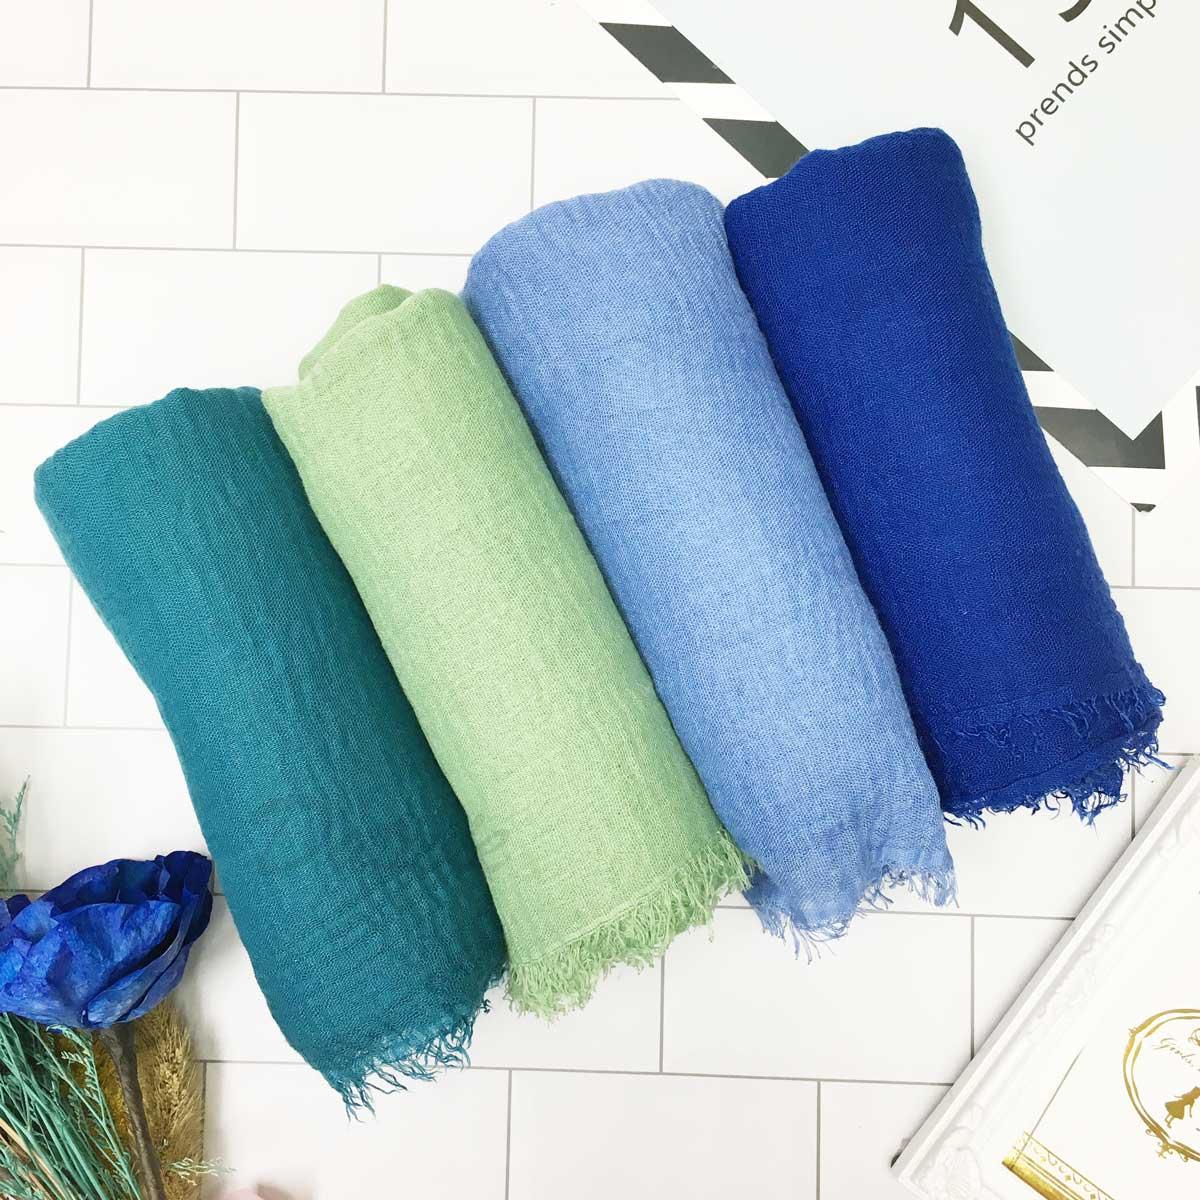 圍巾 素面 不收邊 抽鬚 簡約 墨綠 綠 藍 深藍 薄圍巾 三色